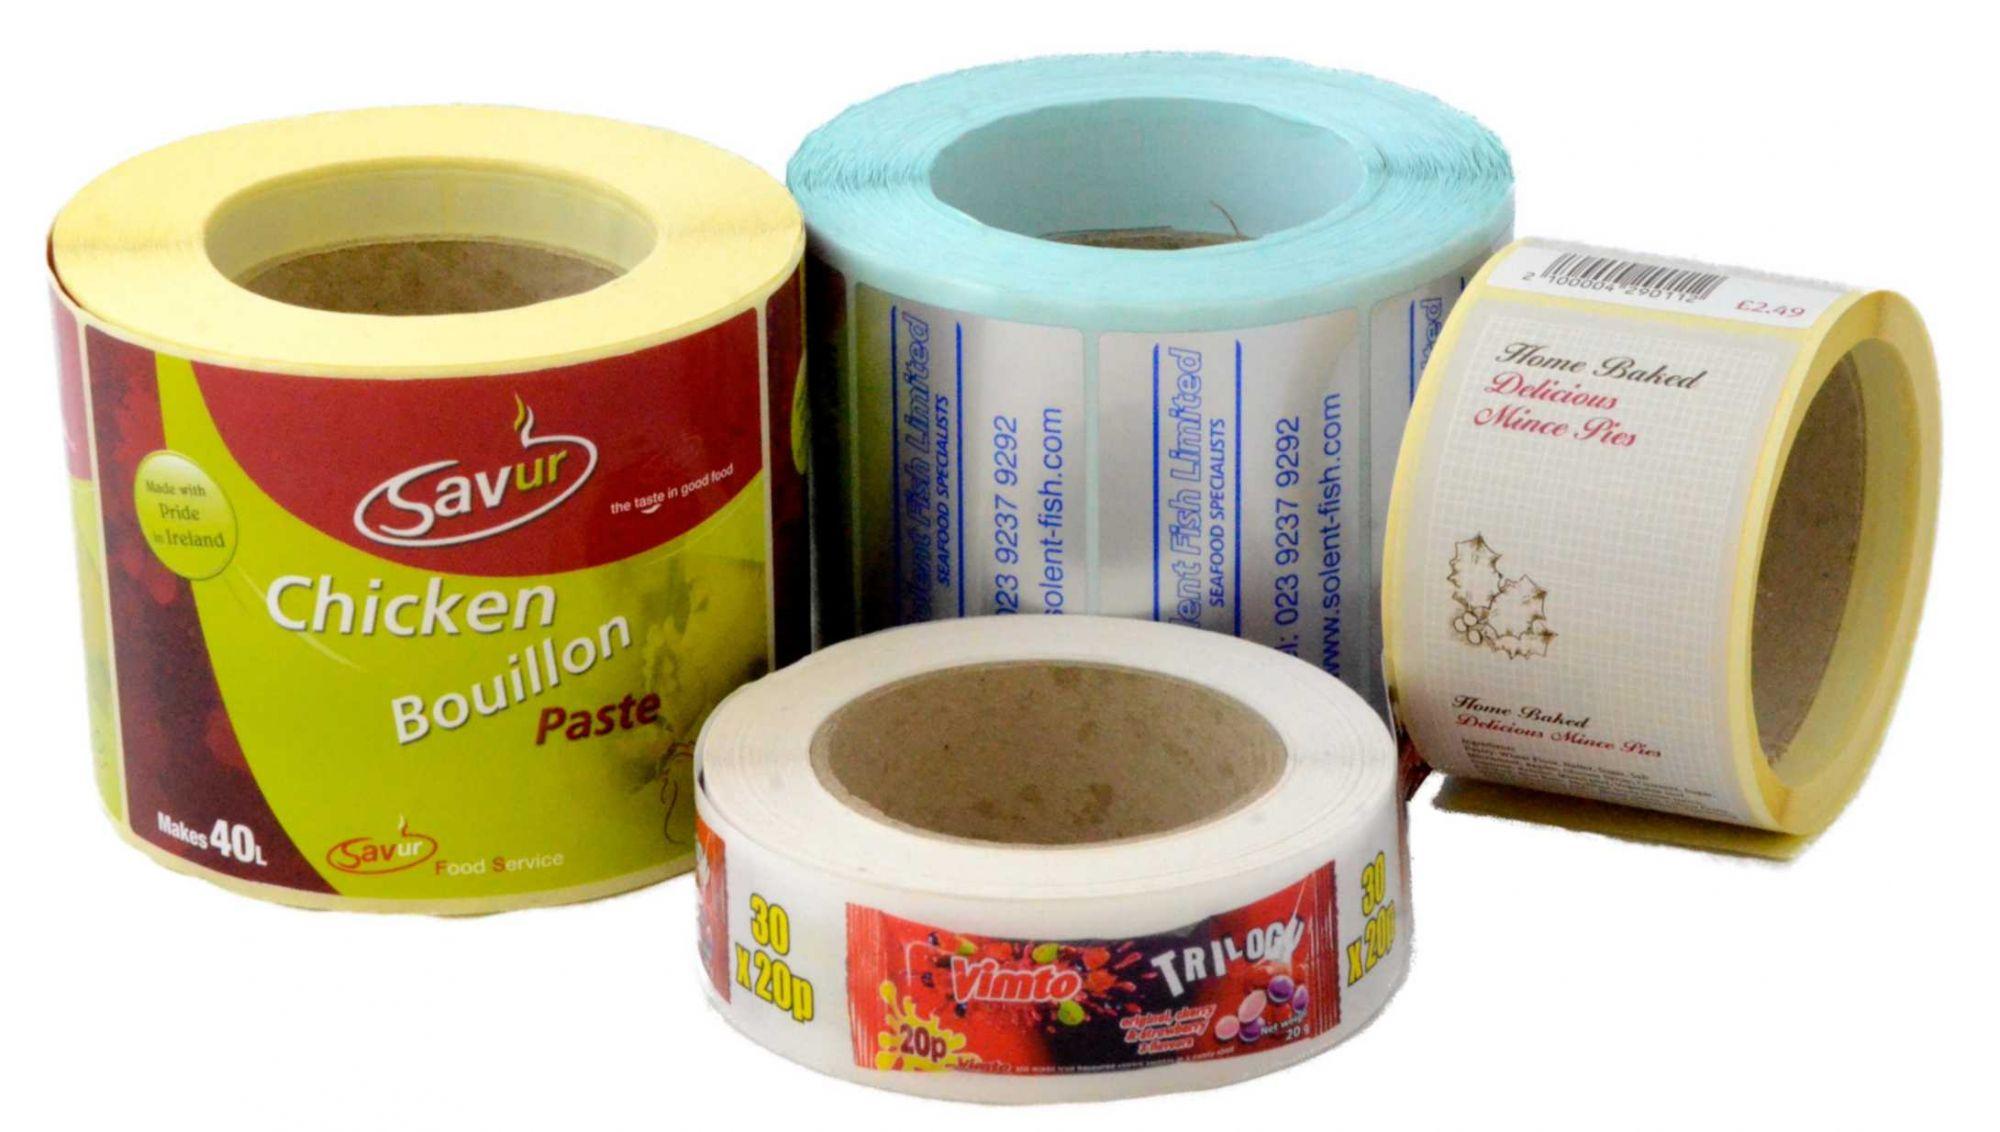 Food labels DSC 8002